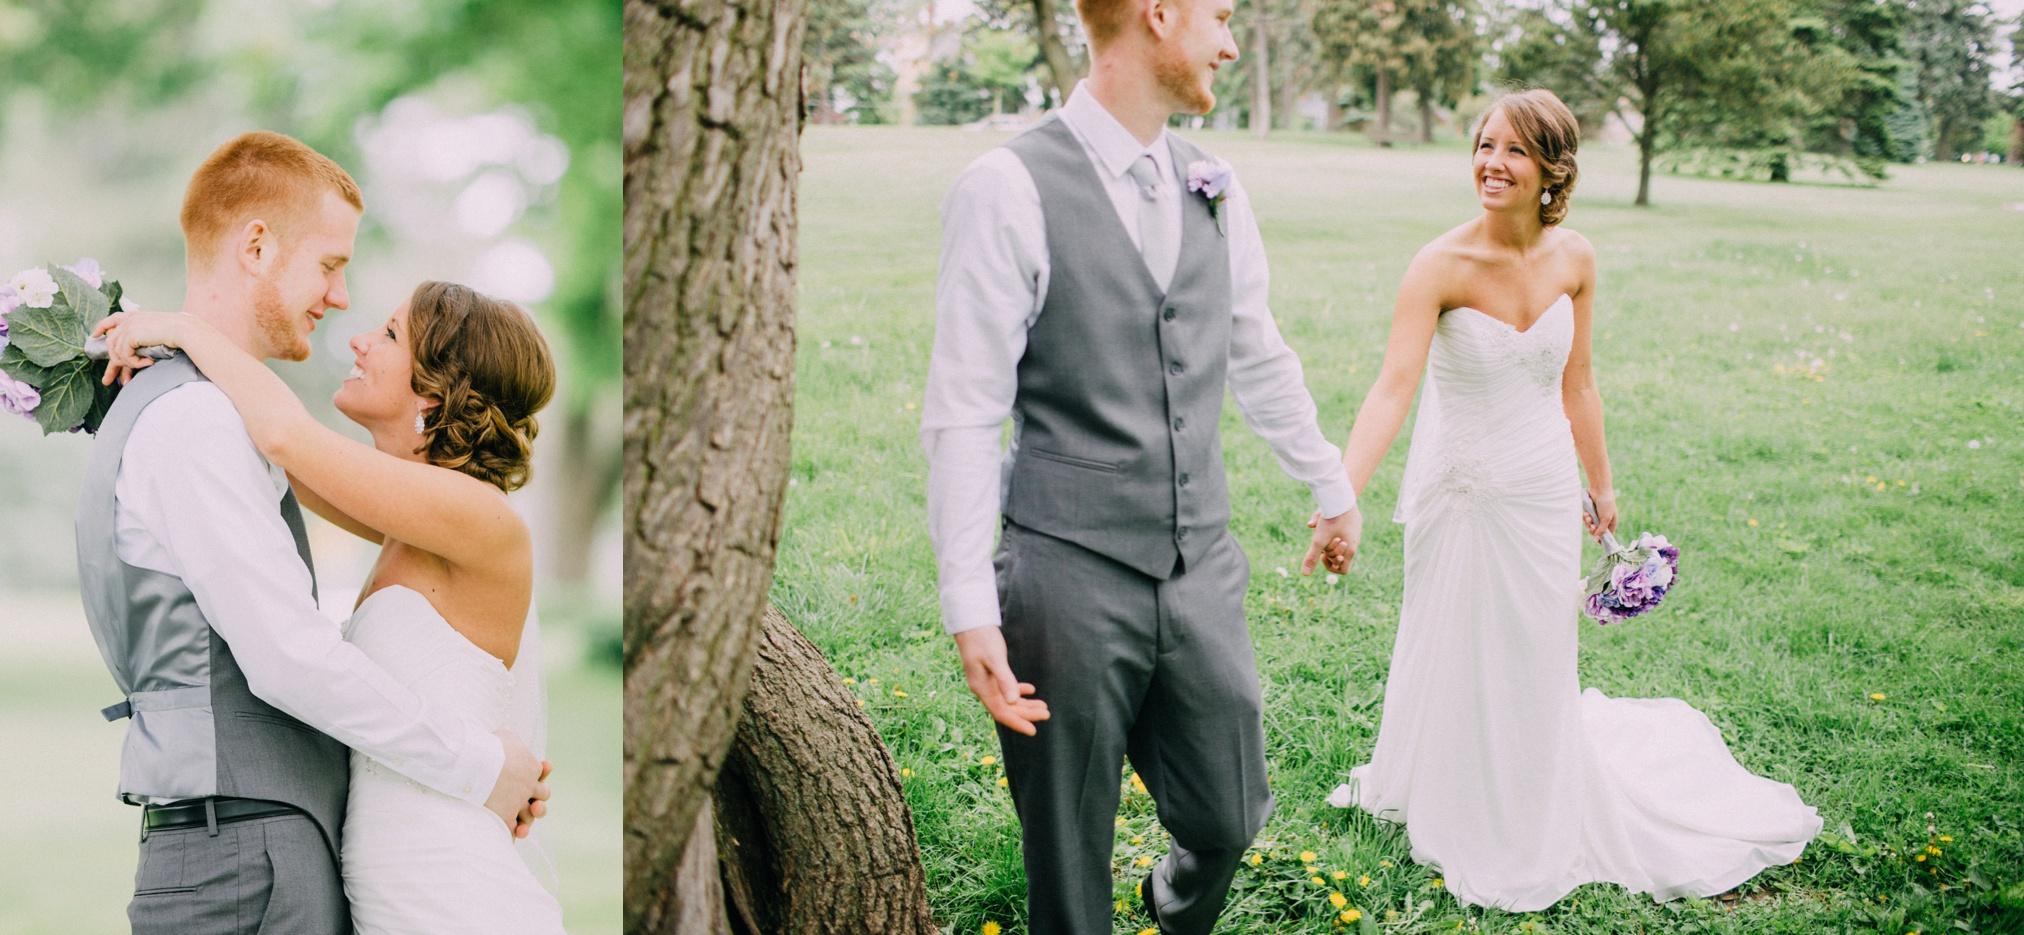 Vanderhart_Wedding-80